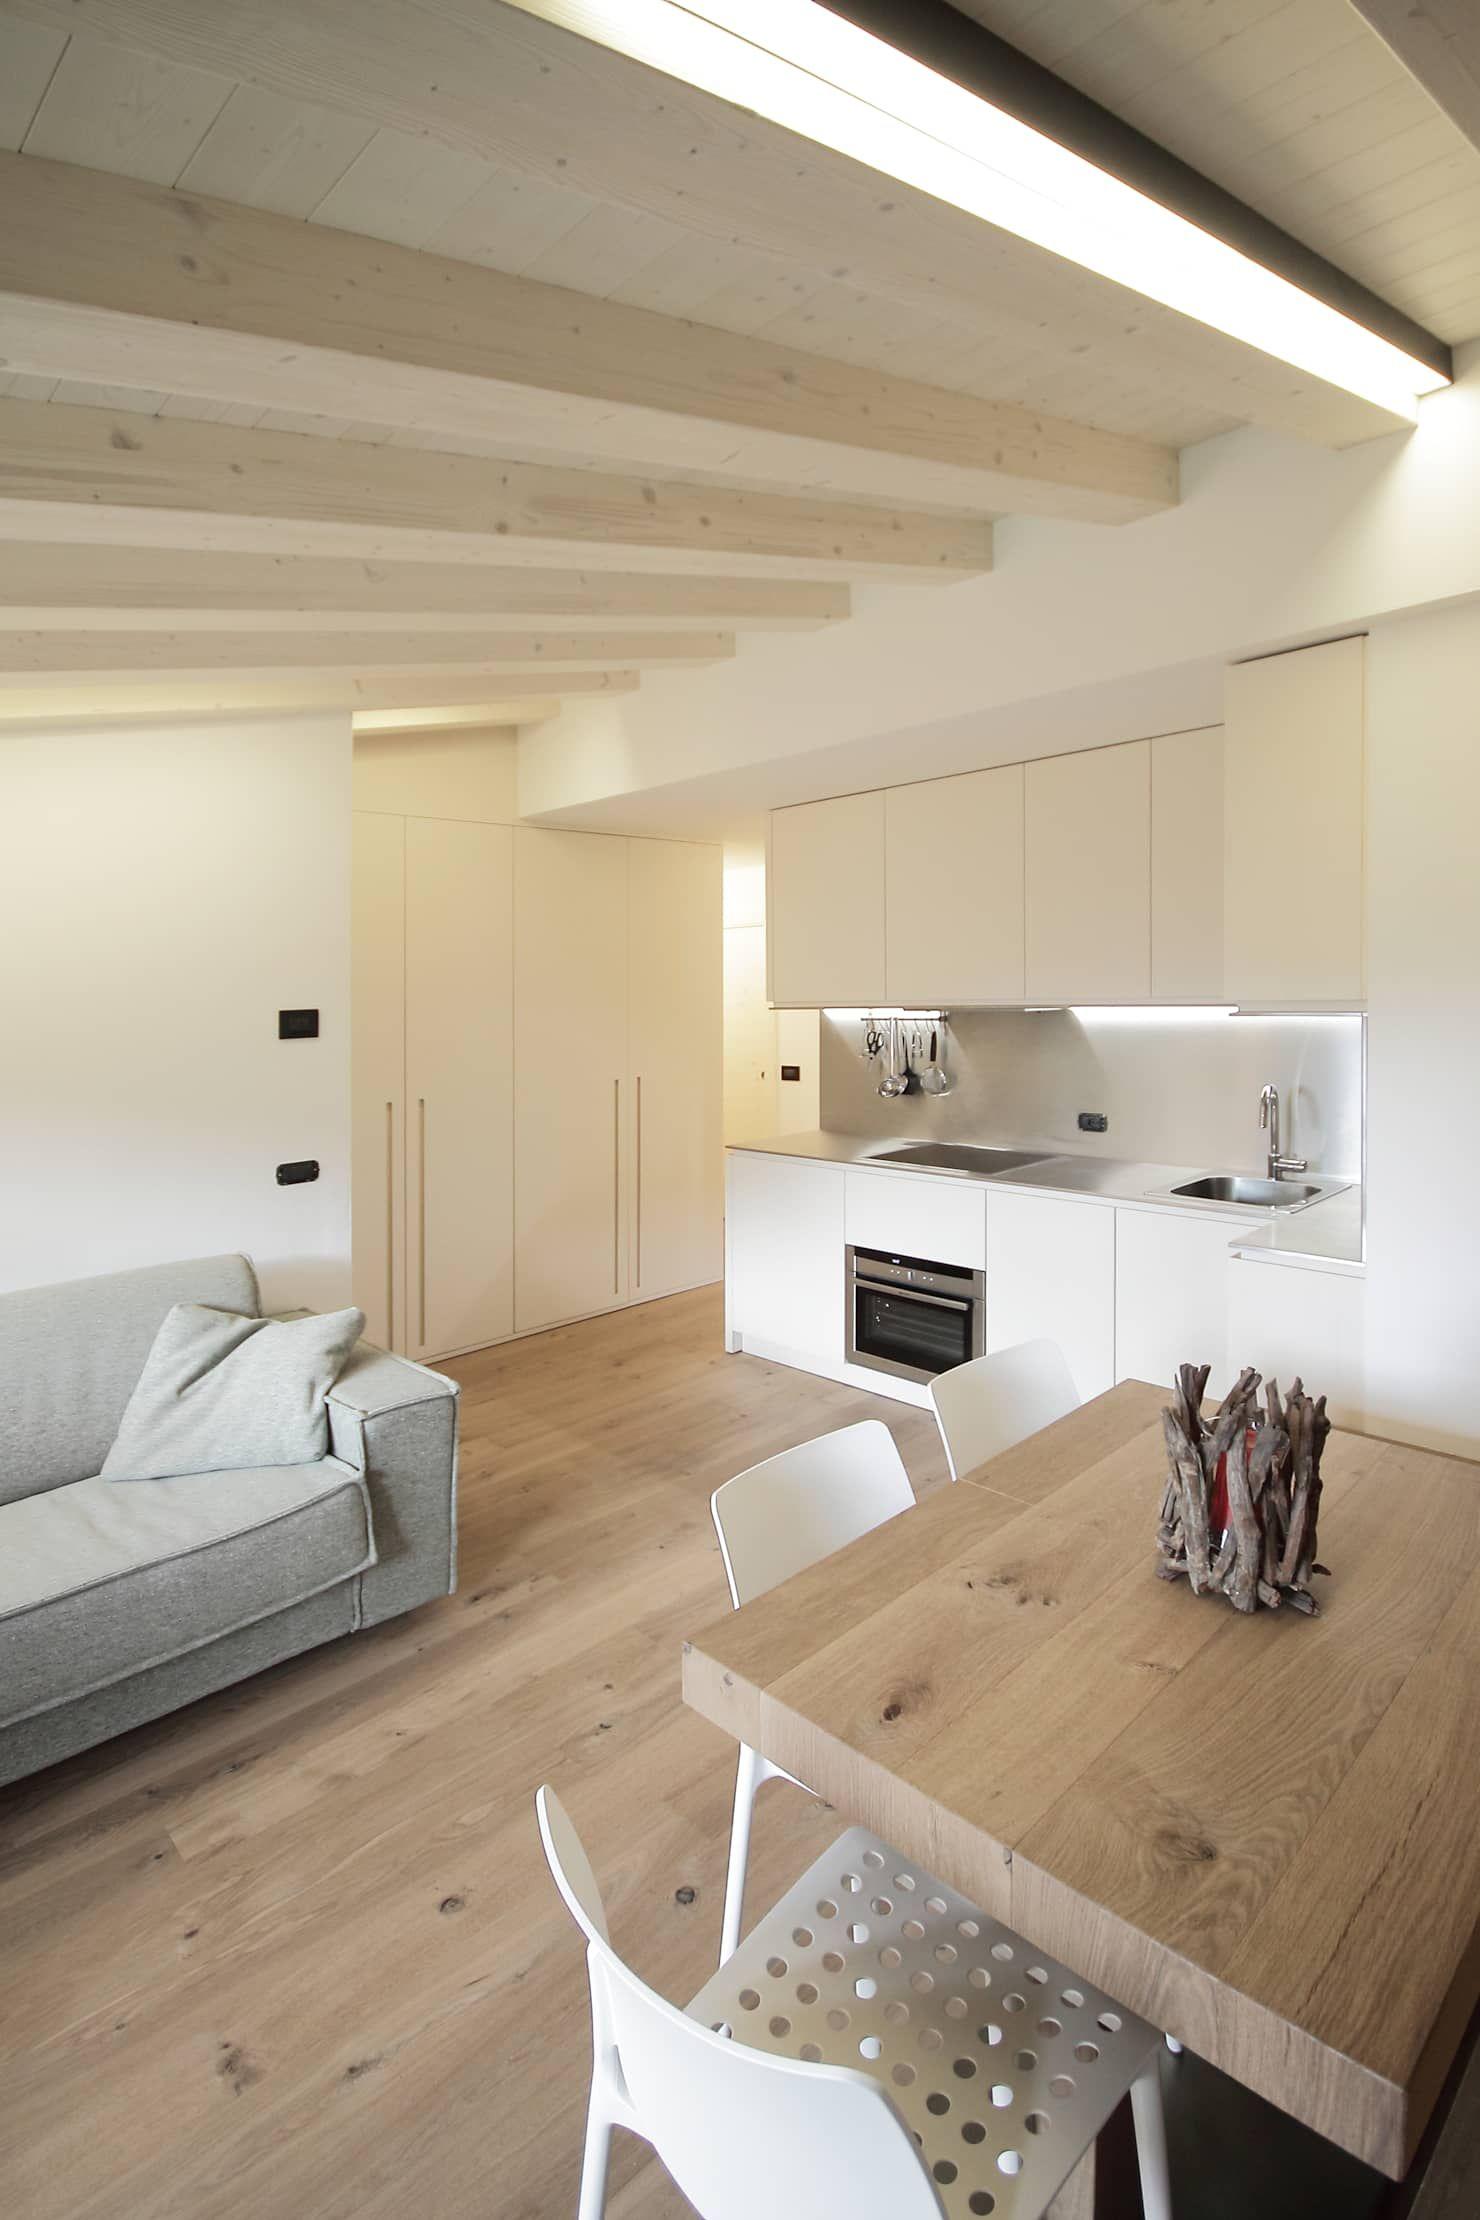 Idee Arredamento Casa & Interior Design | Pinterest | Wohnen und Deko